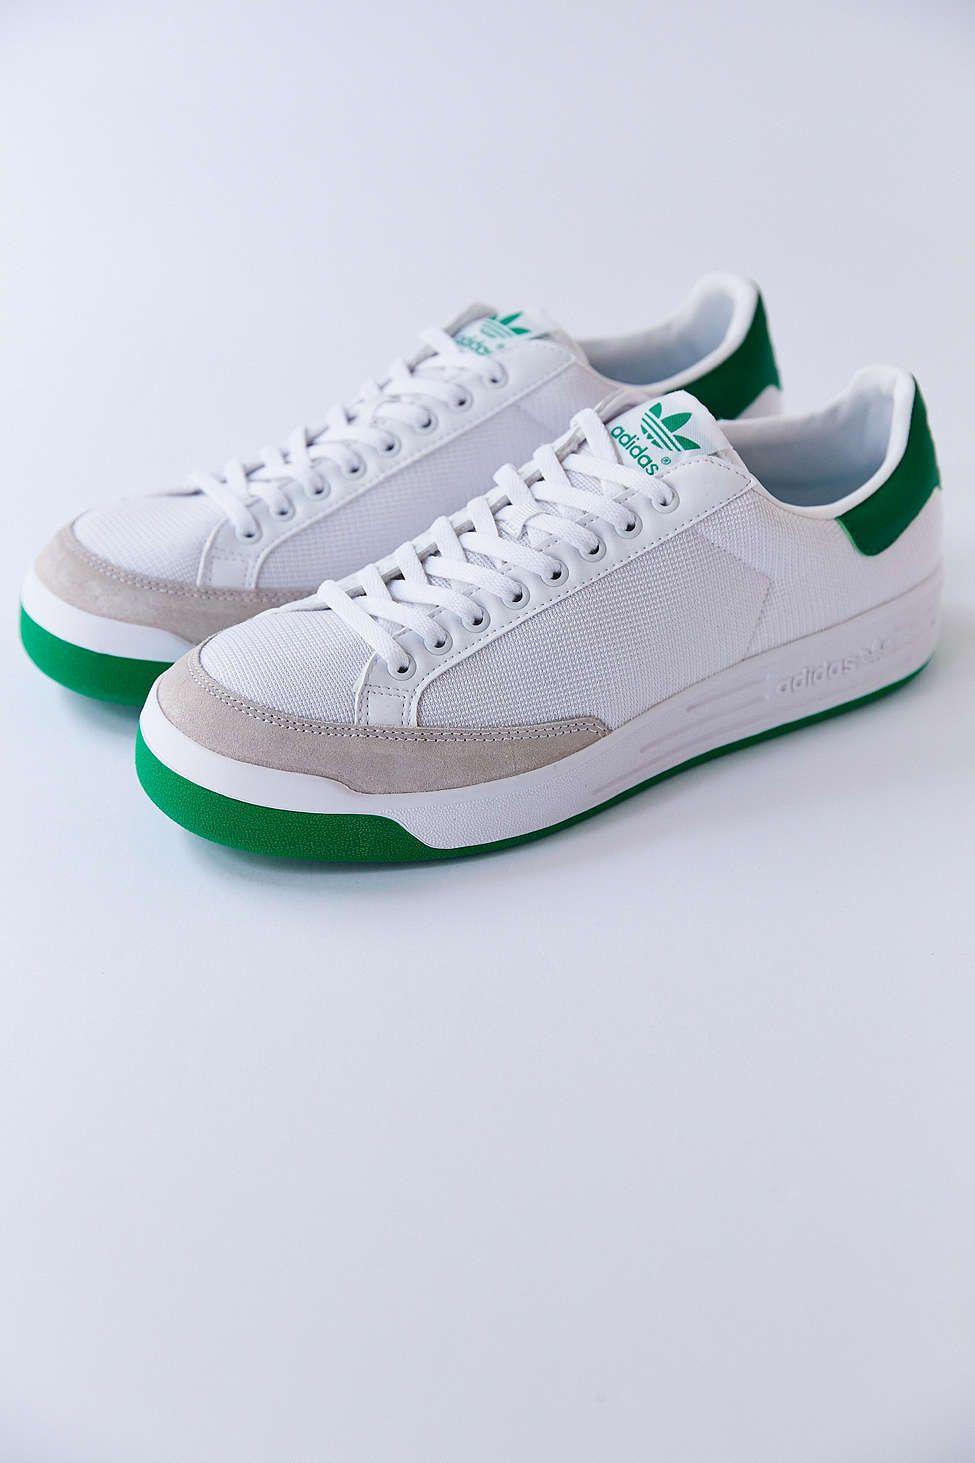 scarpe adidas le alghe urban outfitters per gli uomini con amore